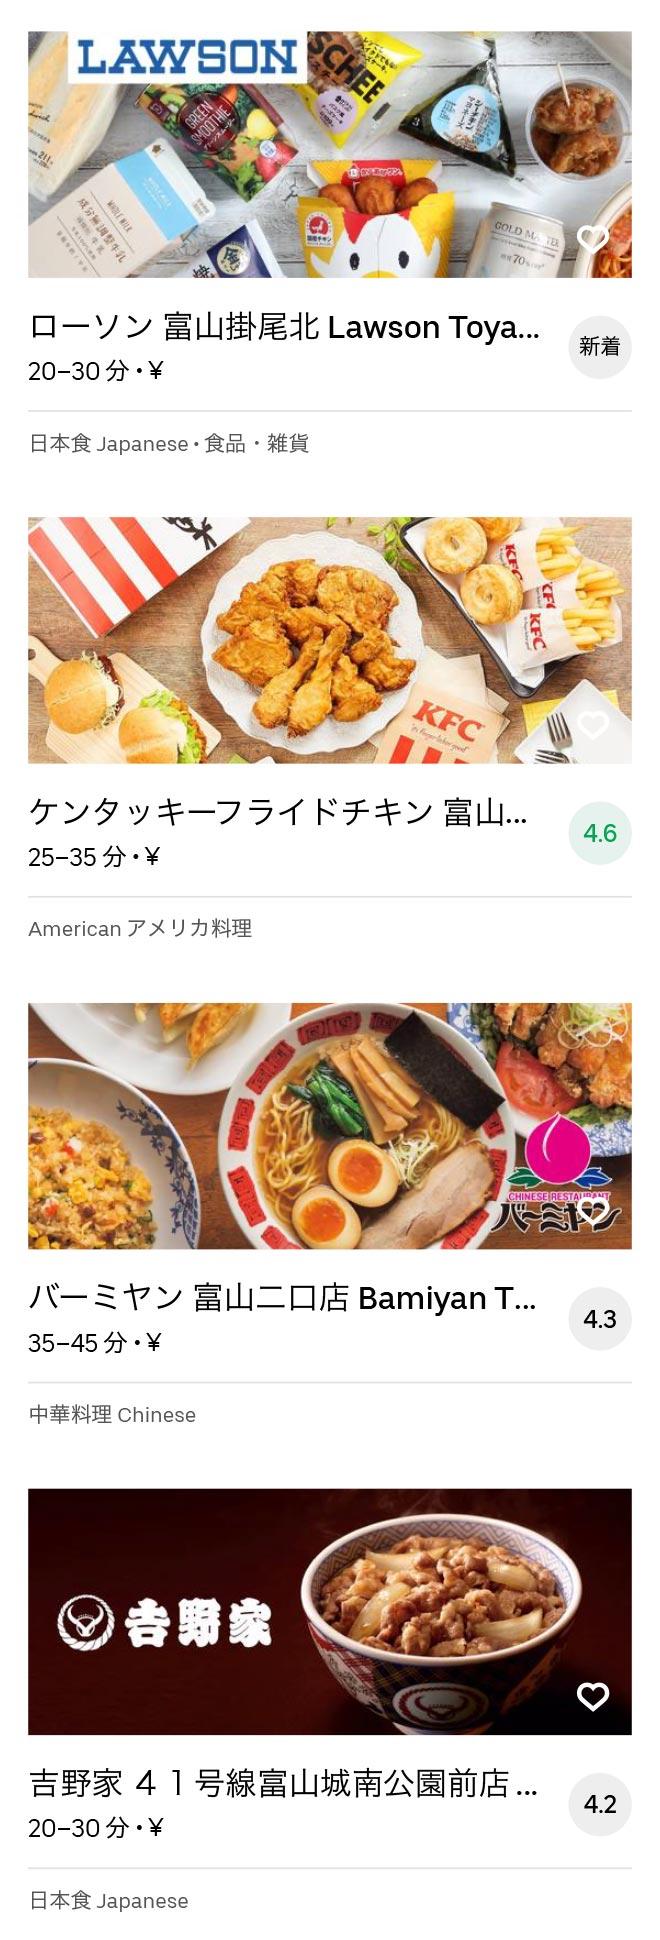 Minami toyama menu 2009 08